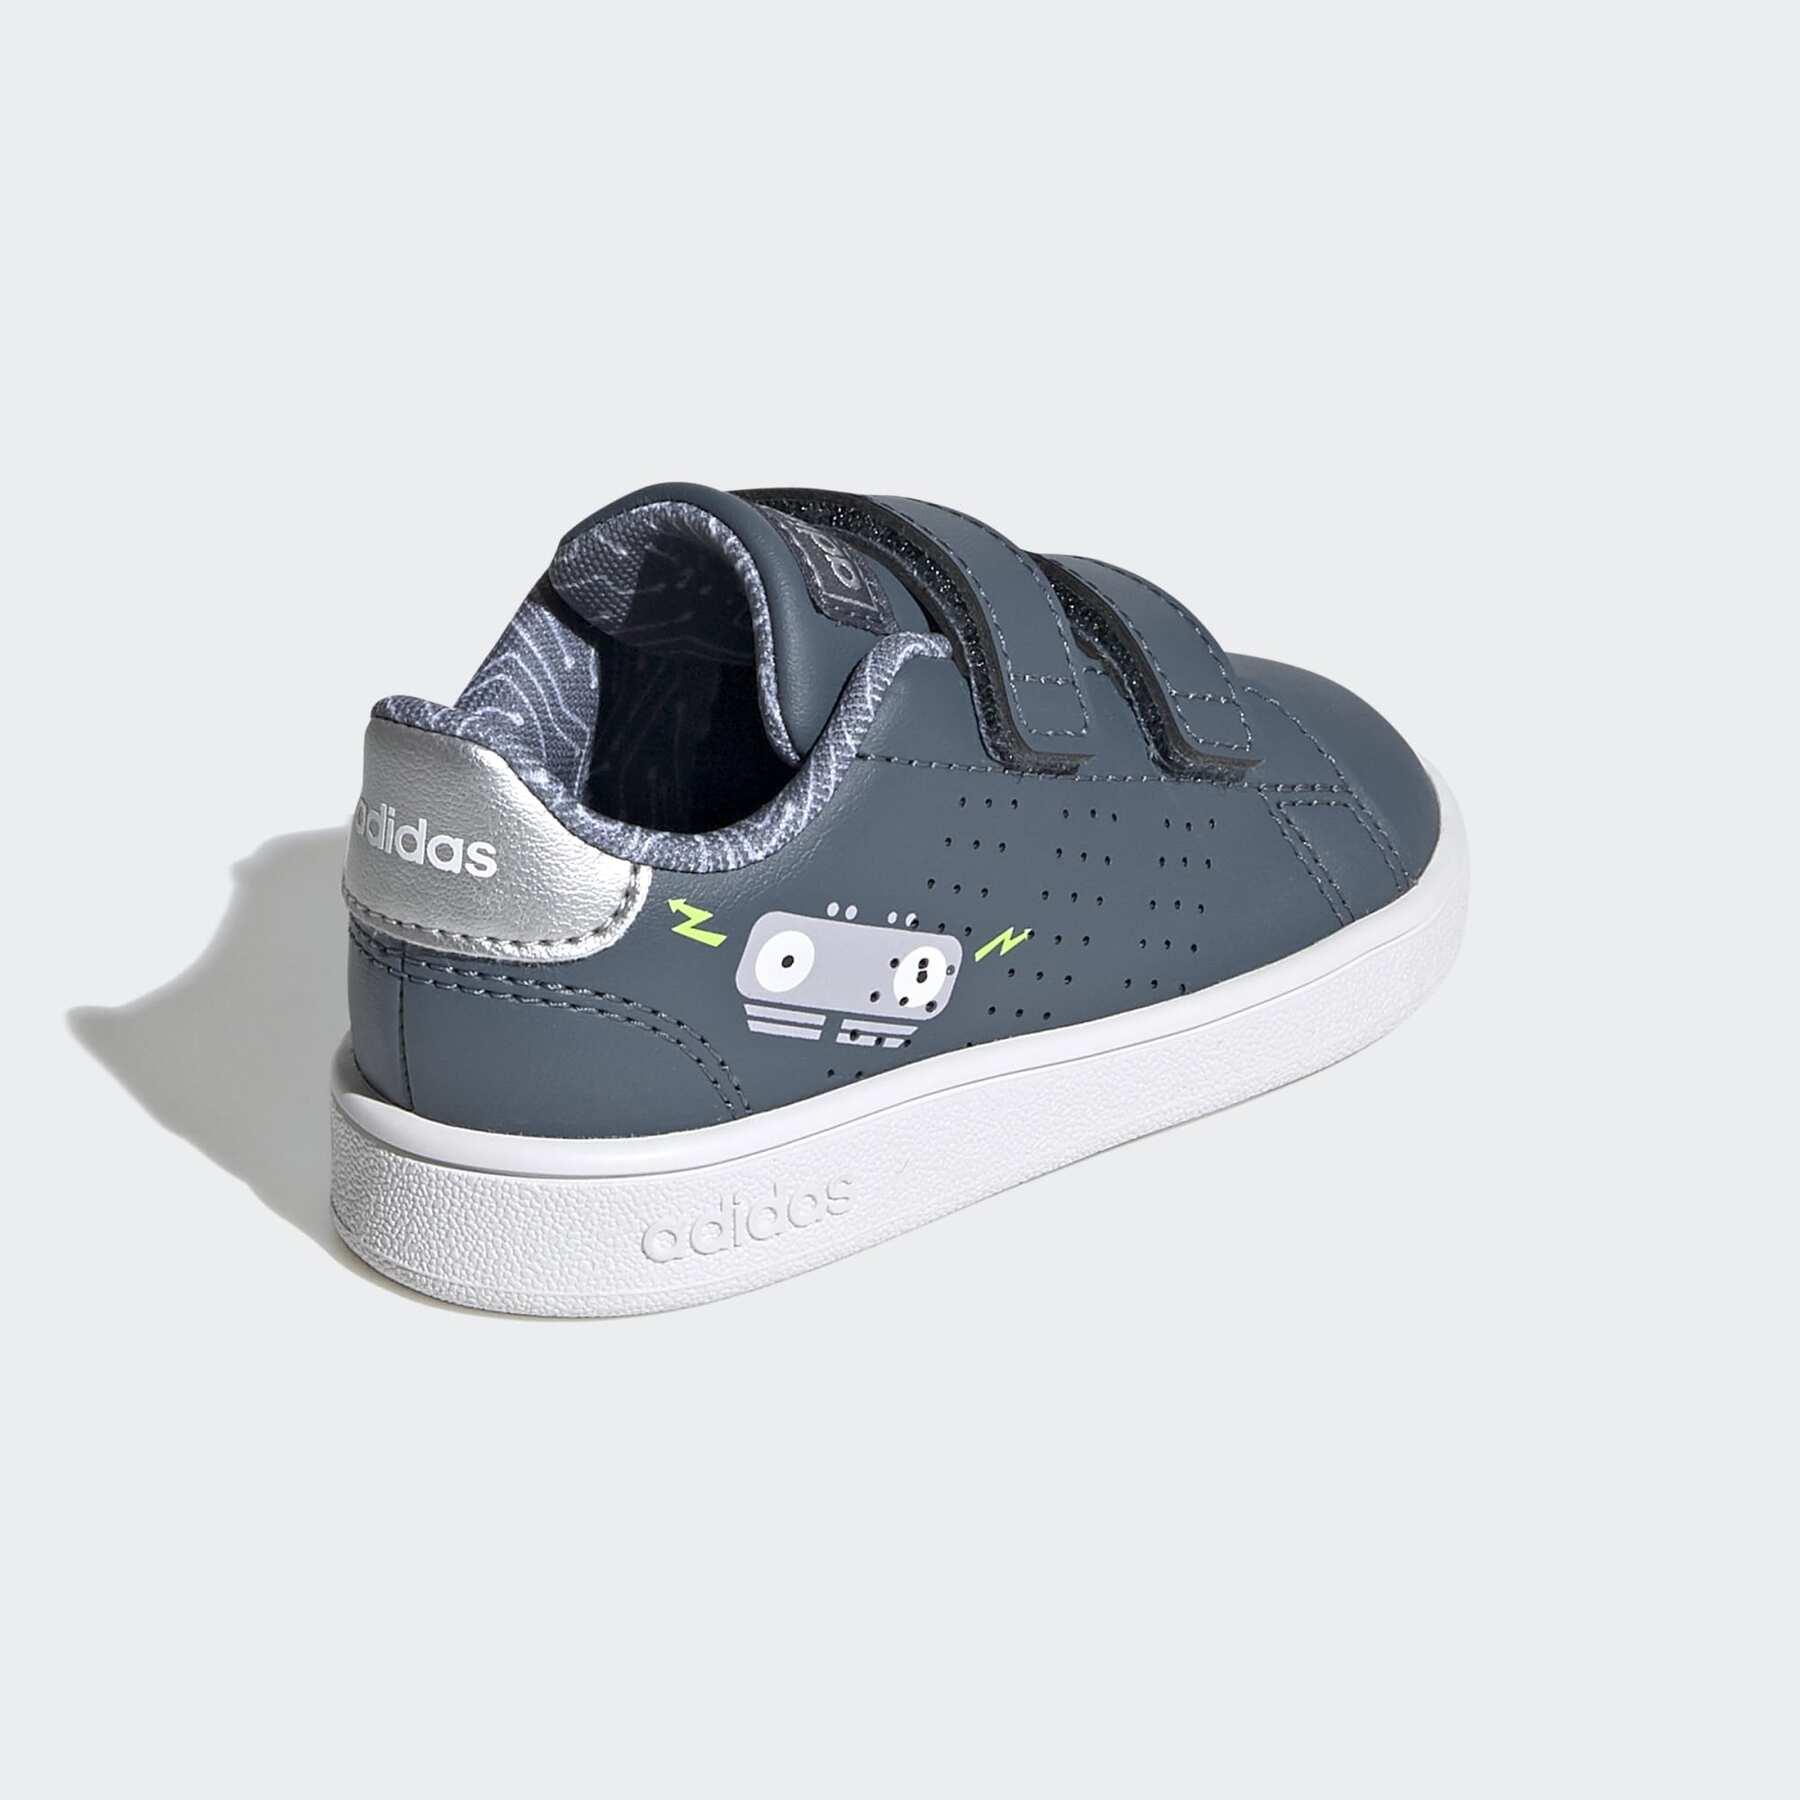 Advantage Çocuk Yeşil Spor Ayakkabı